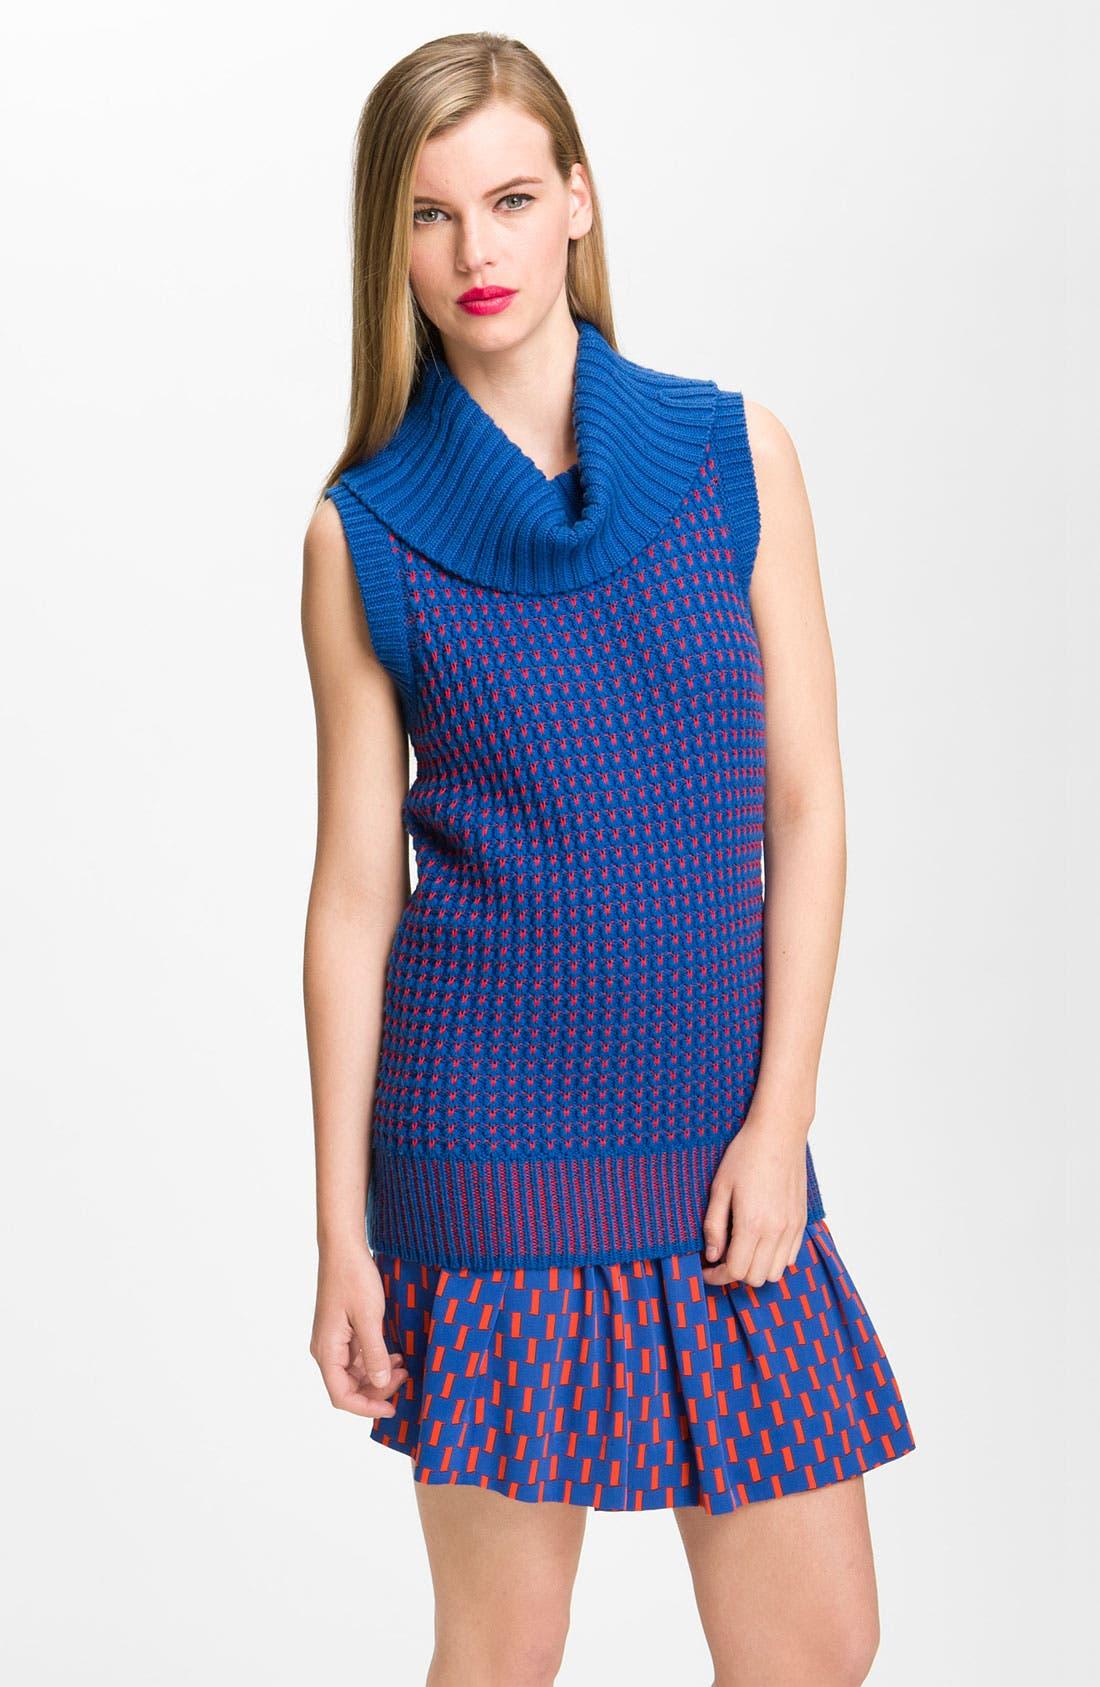 Main Image - Diane von Furstenberg 'Bede' Cowl Neck Sweater